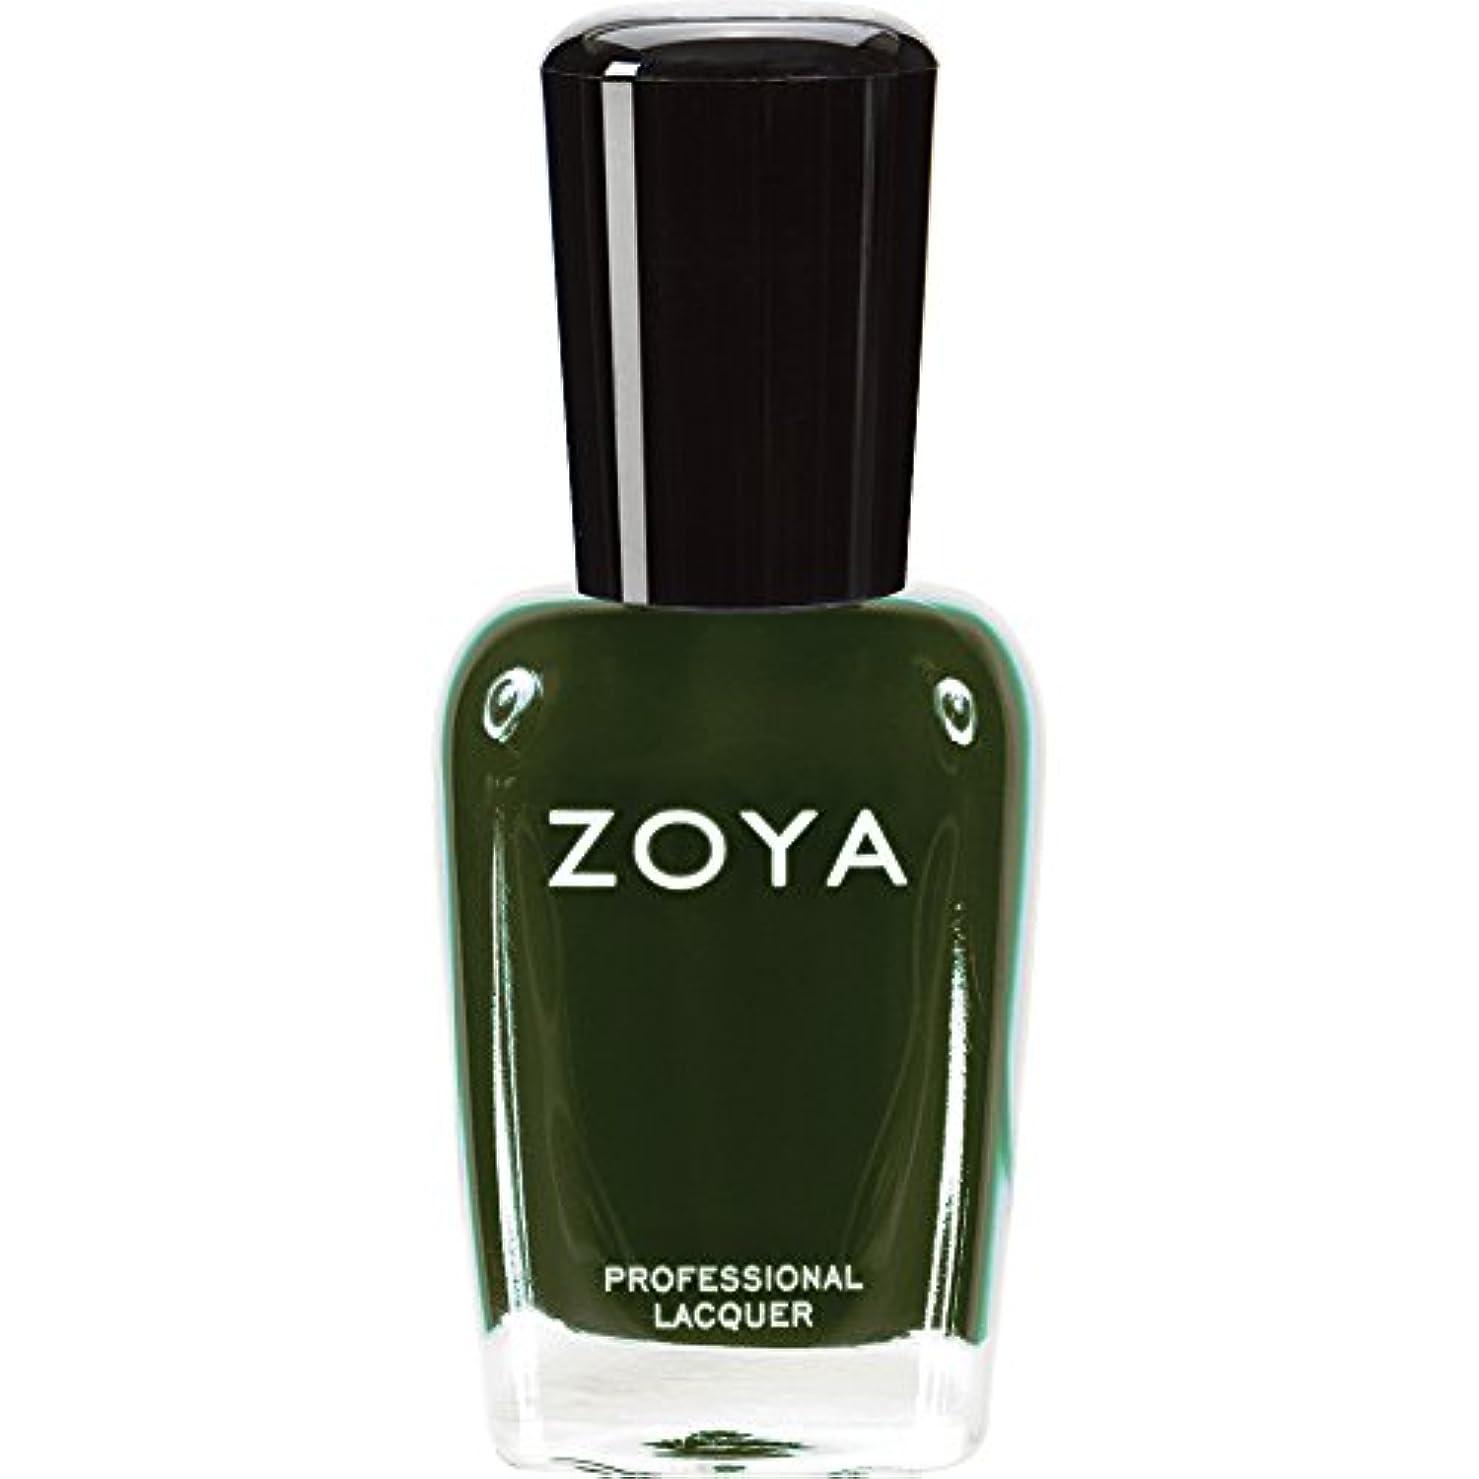 喜んで推測価値のないZOYA ゾーヤ ネイルカラーZP490(ENVY) エンヴィー 15ml 深いダークグリーン マット/クリーム 爪にやさしいネイルポリッシュマニキュア